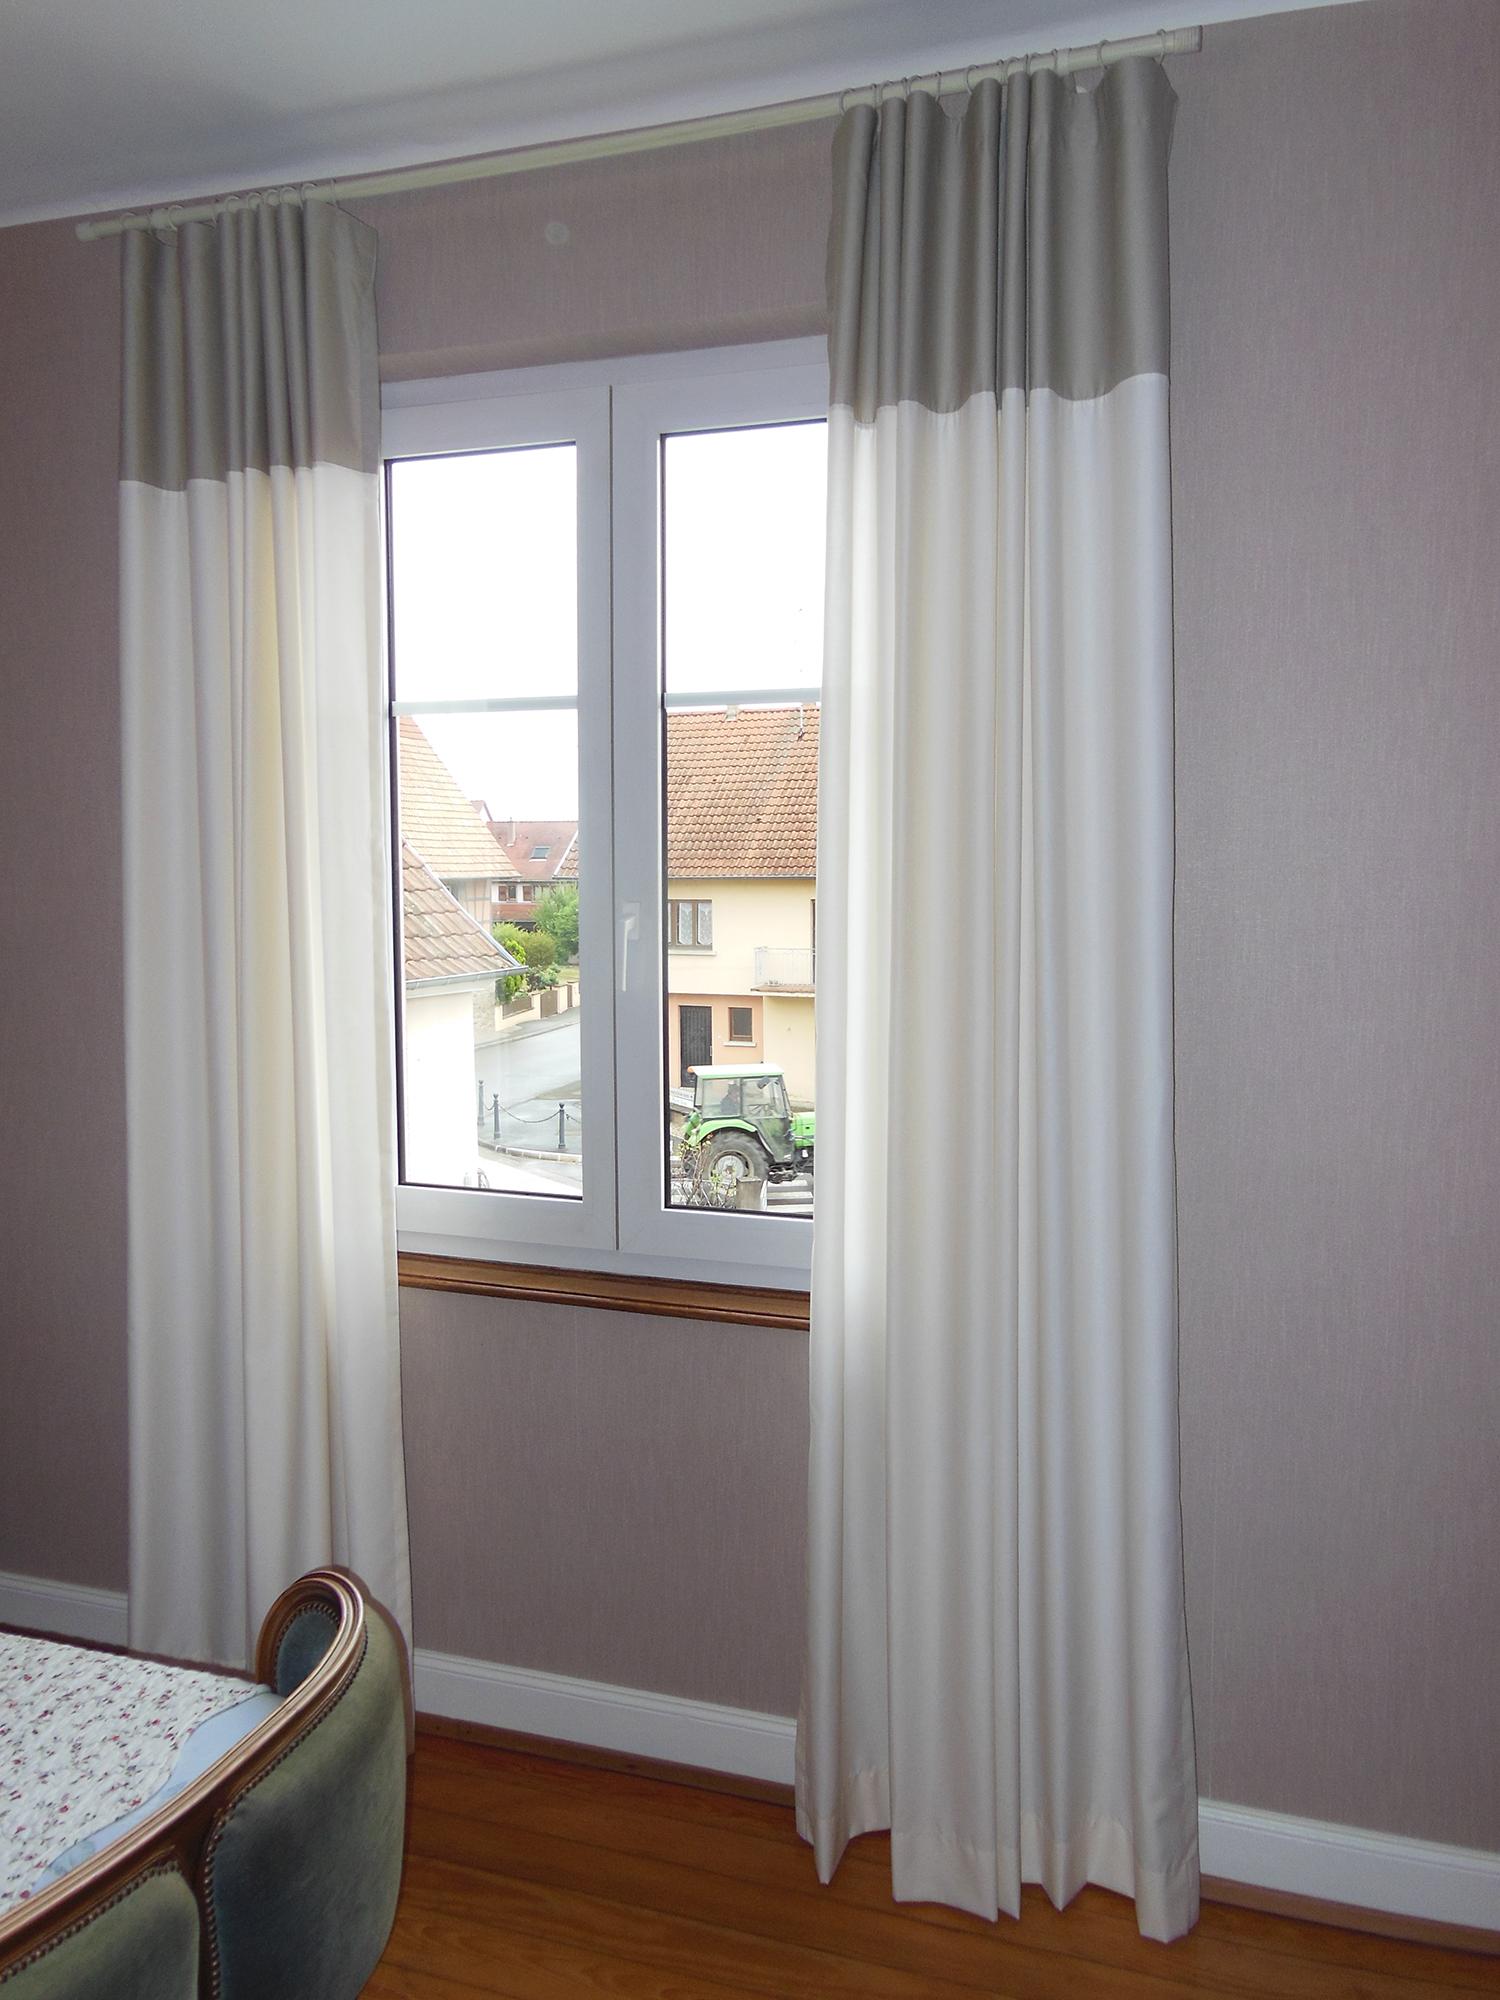 Double rideau bicolore à Nordhouse